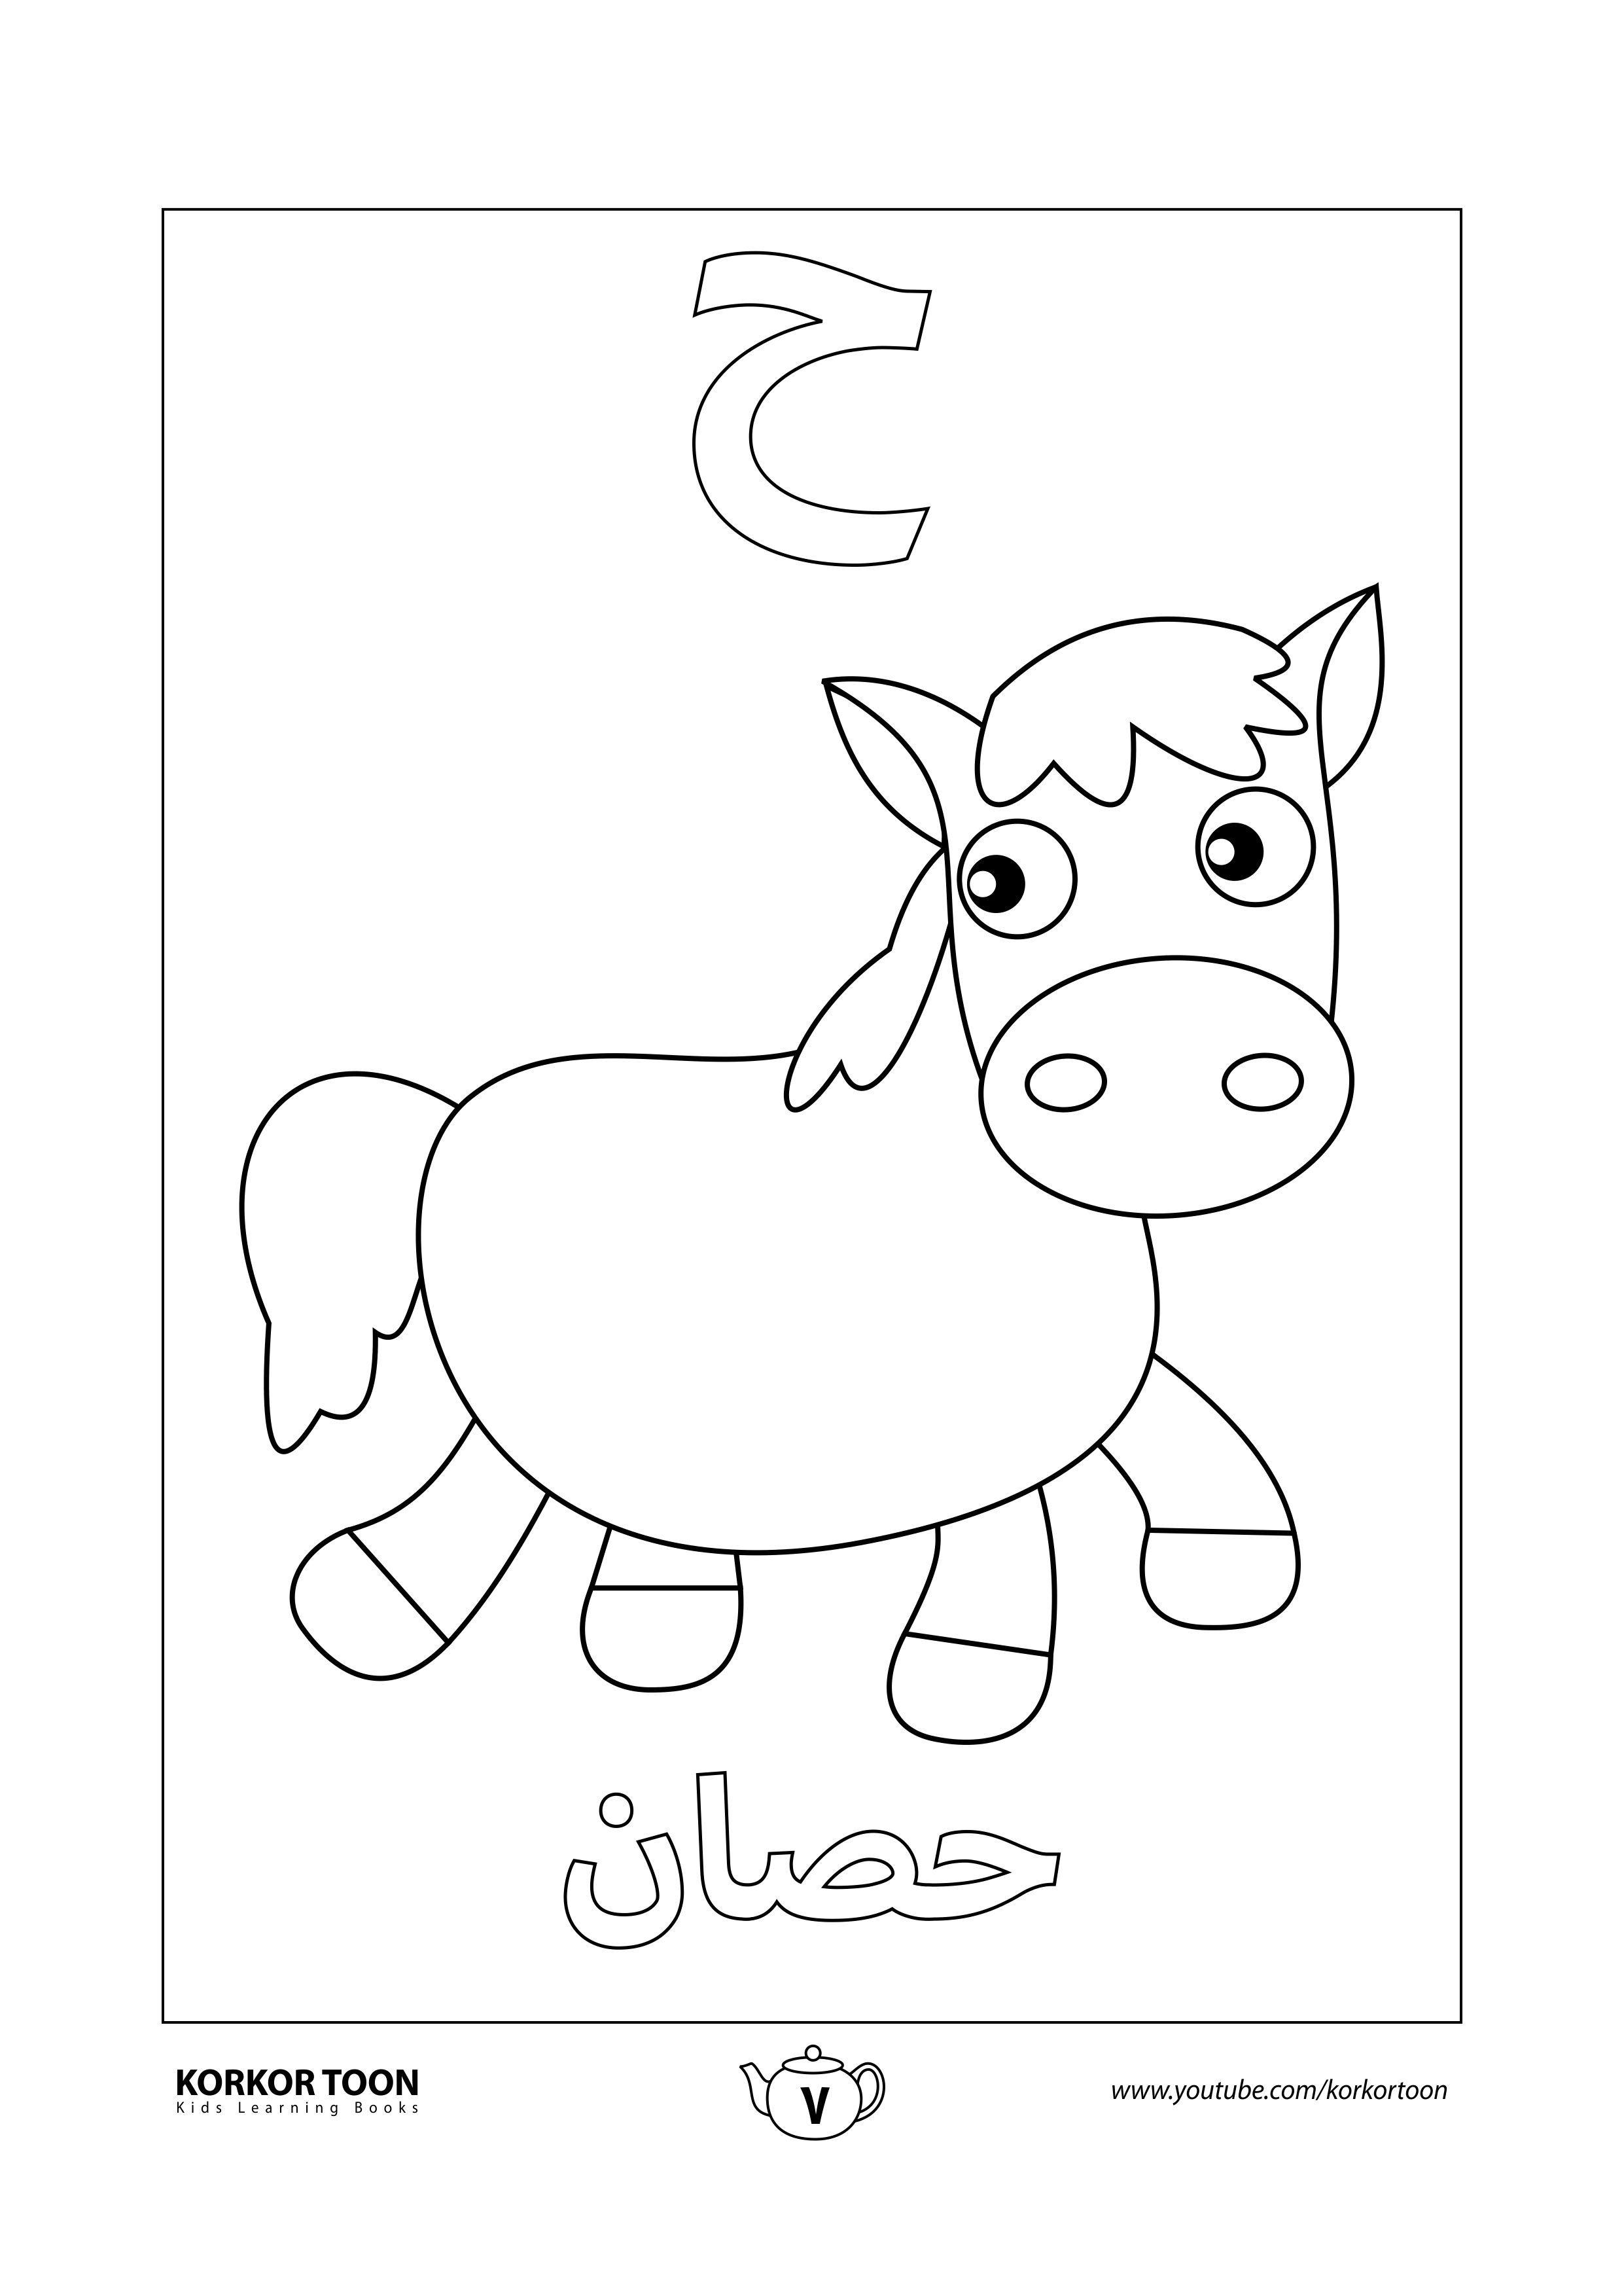 صفحة تلوين حرف الحاء كتاب تلوين الحروف العربية للأطفال Muslim Kids Activities Muslim Kids Learning Arabic